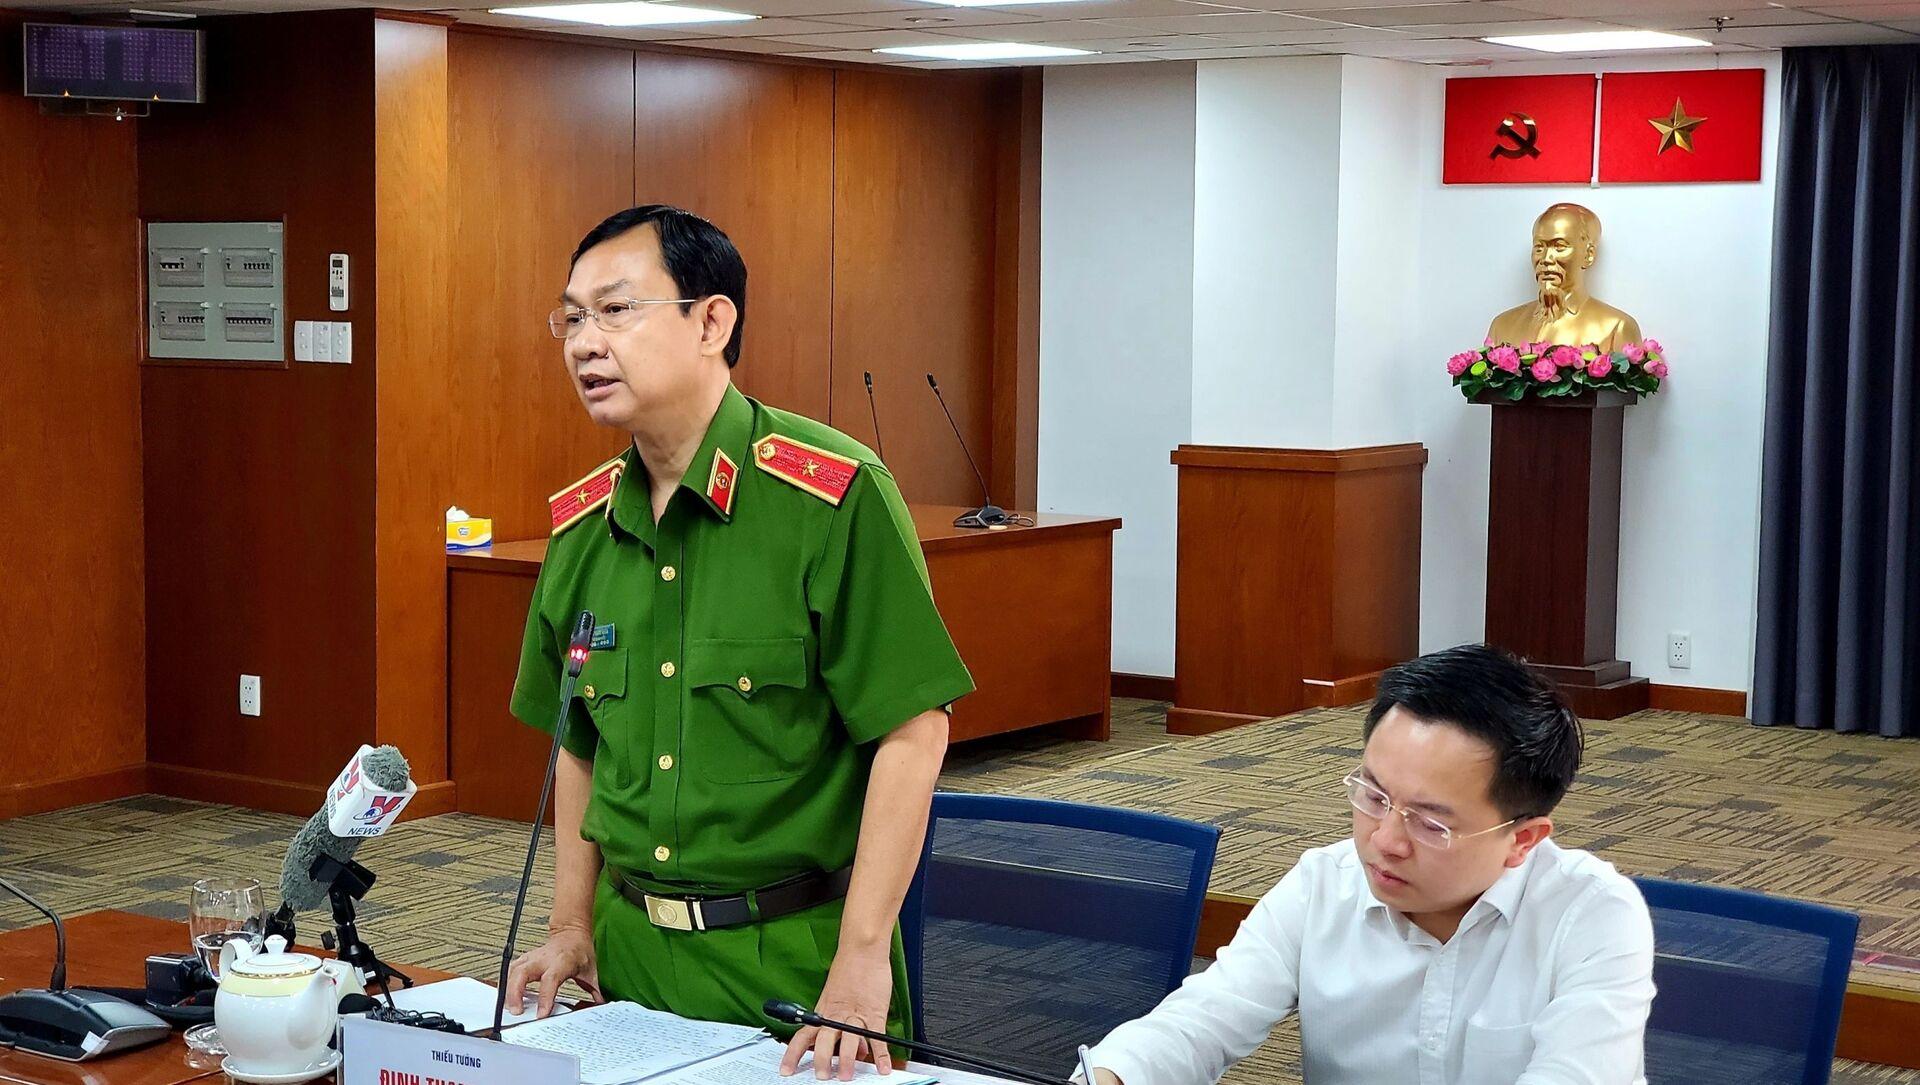 Thiếu tướng Đinh Thanh Nhàn, Phó Giám đốc Công an Thành phố Hồ Chí Minh thông tin tại buổi họp báo - Sputnik Việt Nam, 1920, 18.04.2021